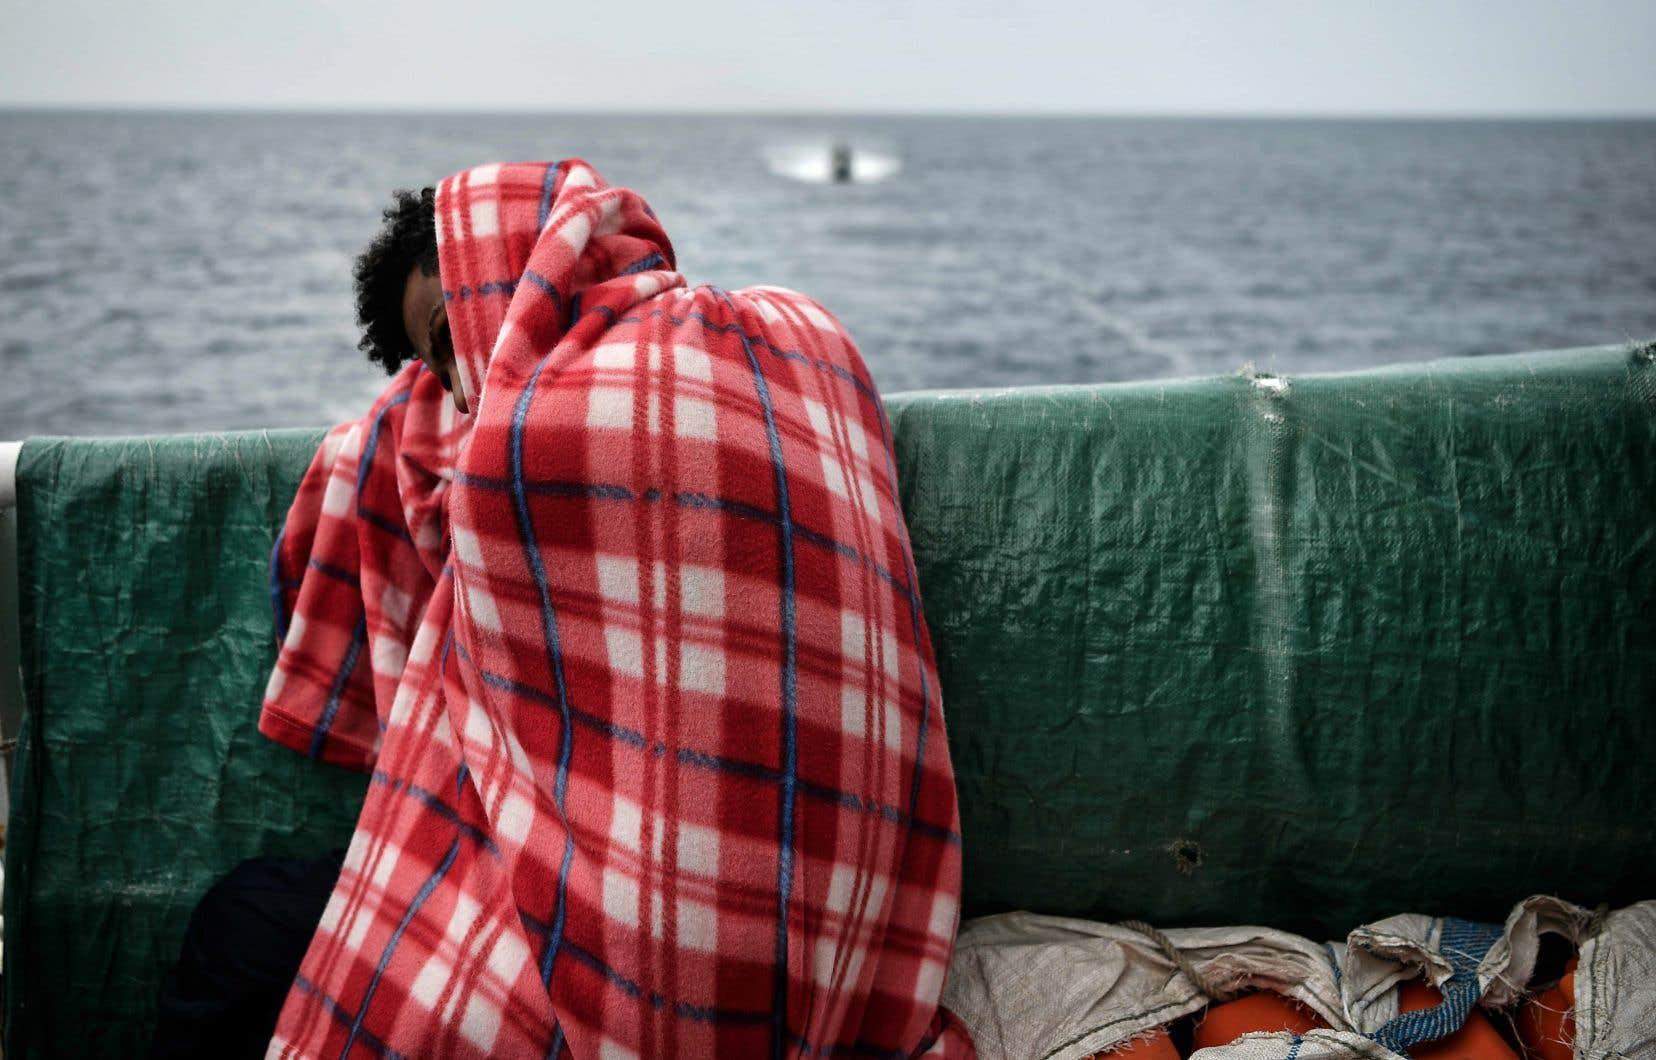 Des migrants ont été secourus au cours de six opérations distinctes en Méditerranée centrale dans la nuit de samedi à dimanche.